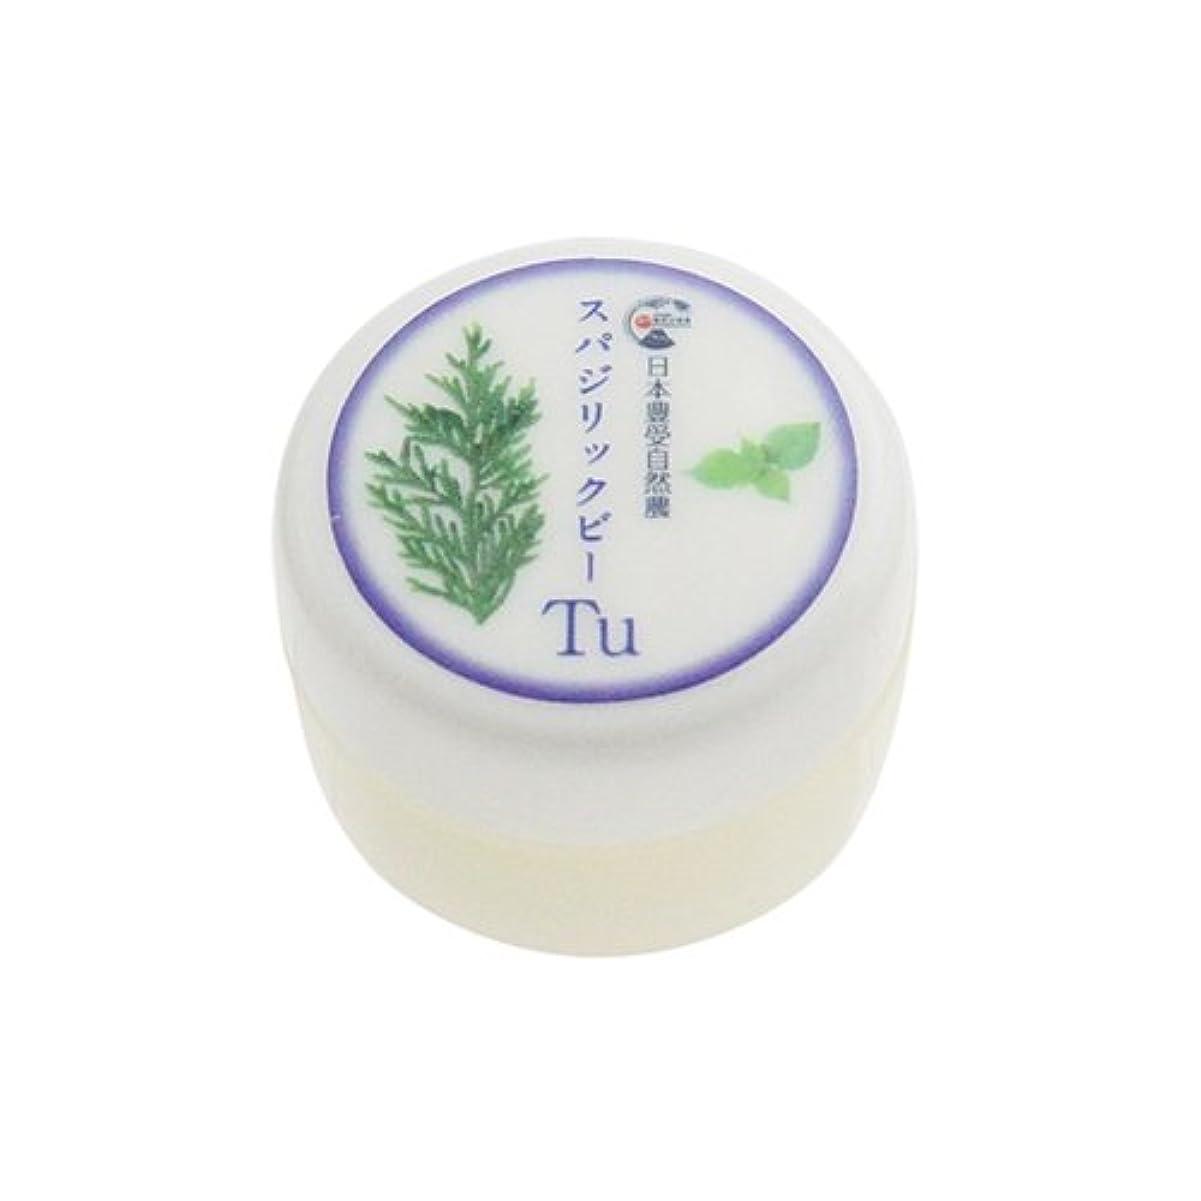 ペット浴室コンピューター日本豊受自然農 スパジリック ビーTu(小) 10g